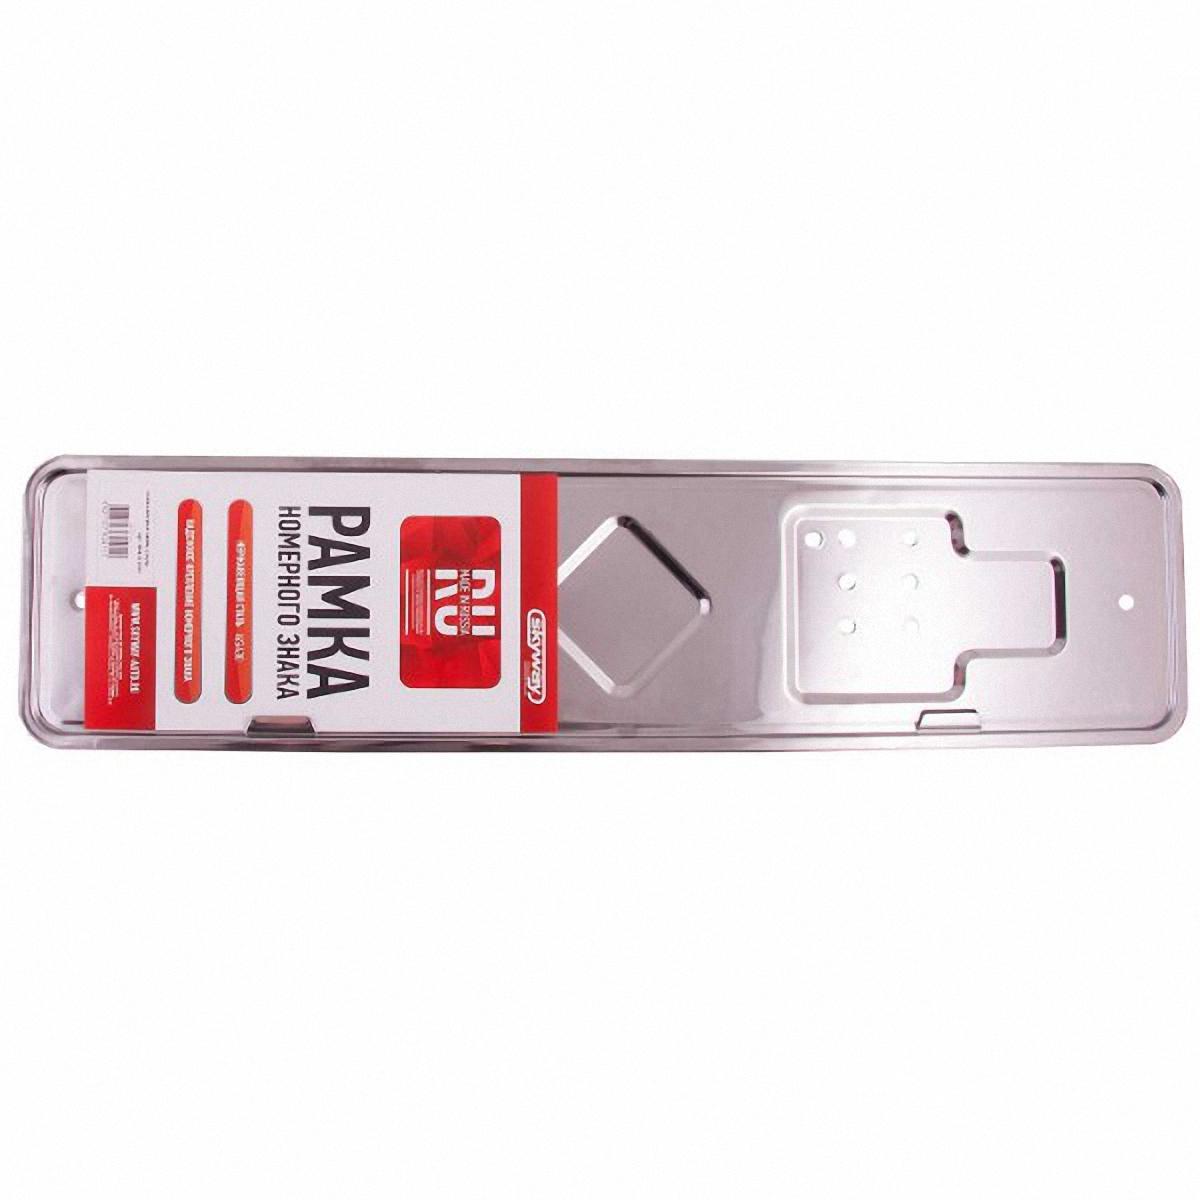 Рамка под номер Skyway, цвет: светло-серыйS04101005Металлическая рамка под номер Skyway предназначена для того, чтобы фиксировать номерной знак на автомобиле, а также для защиты кузова автомобиля от соприкосновения с номерным знаком. Рамка изготовлена из нержавеющей стали. Надолго сохраняет внешний вид, не разрушается и не деформируется от ударов. Высота верхнего поля - 6 мм.Высота нижнего поля - 6 мм.